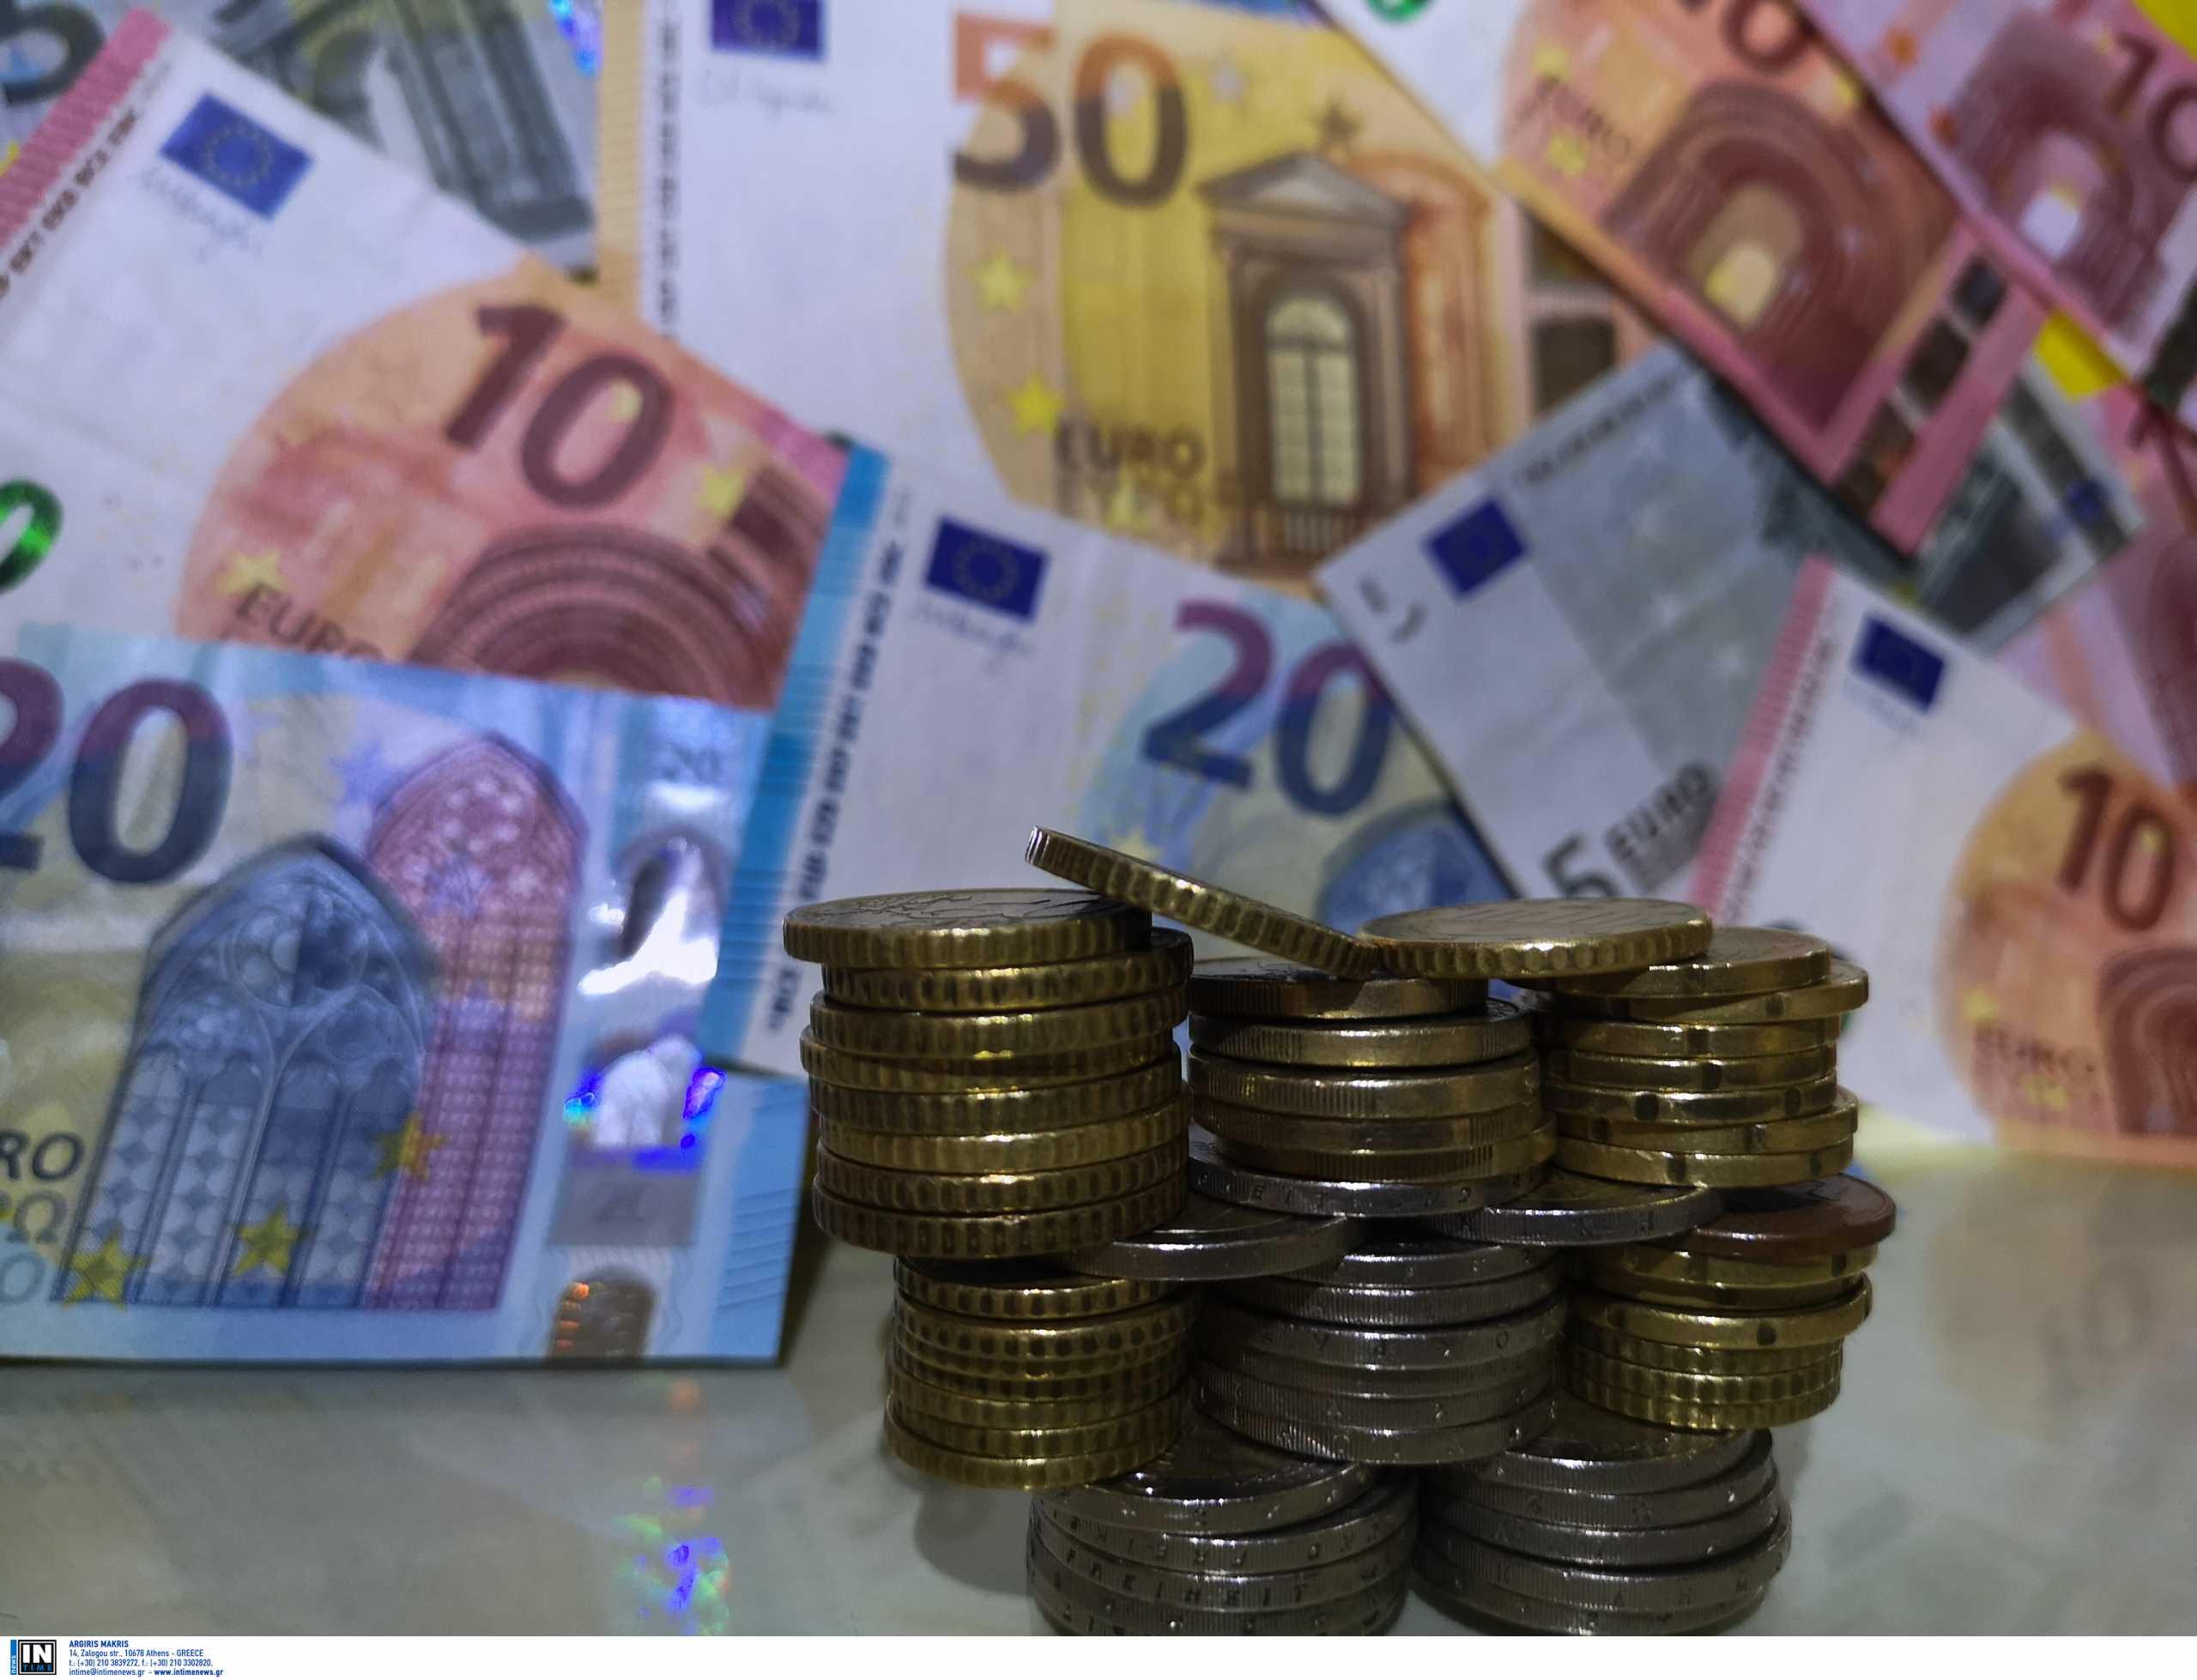 Άτοκες δόσεις και για το φόρο εισοδήματος μέσω καρτών των τραπεζών